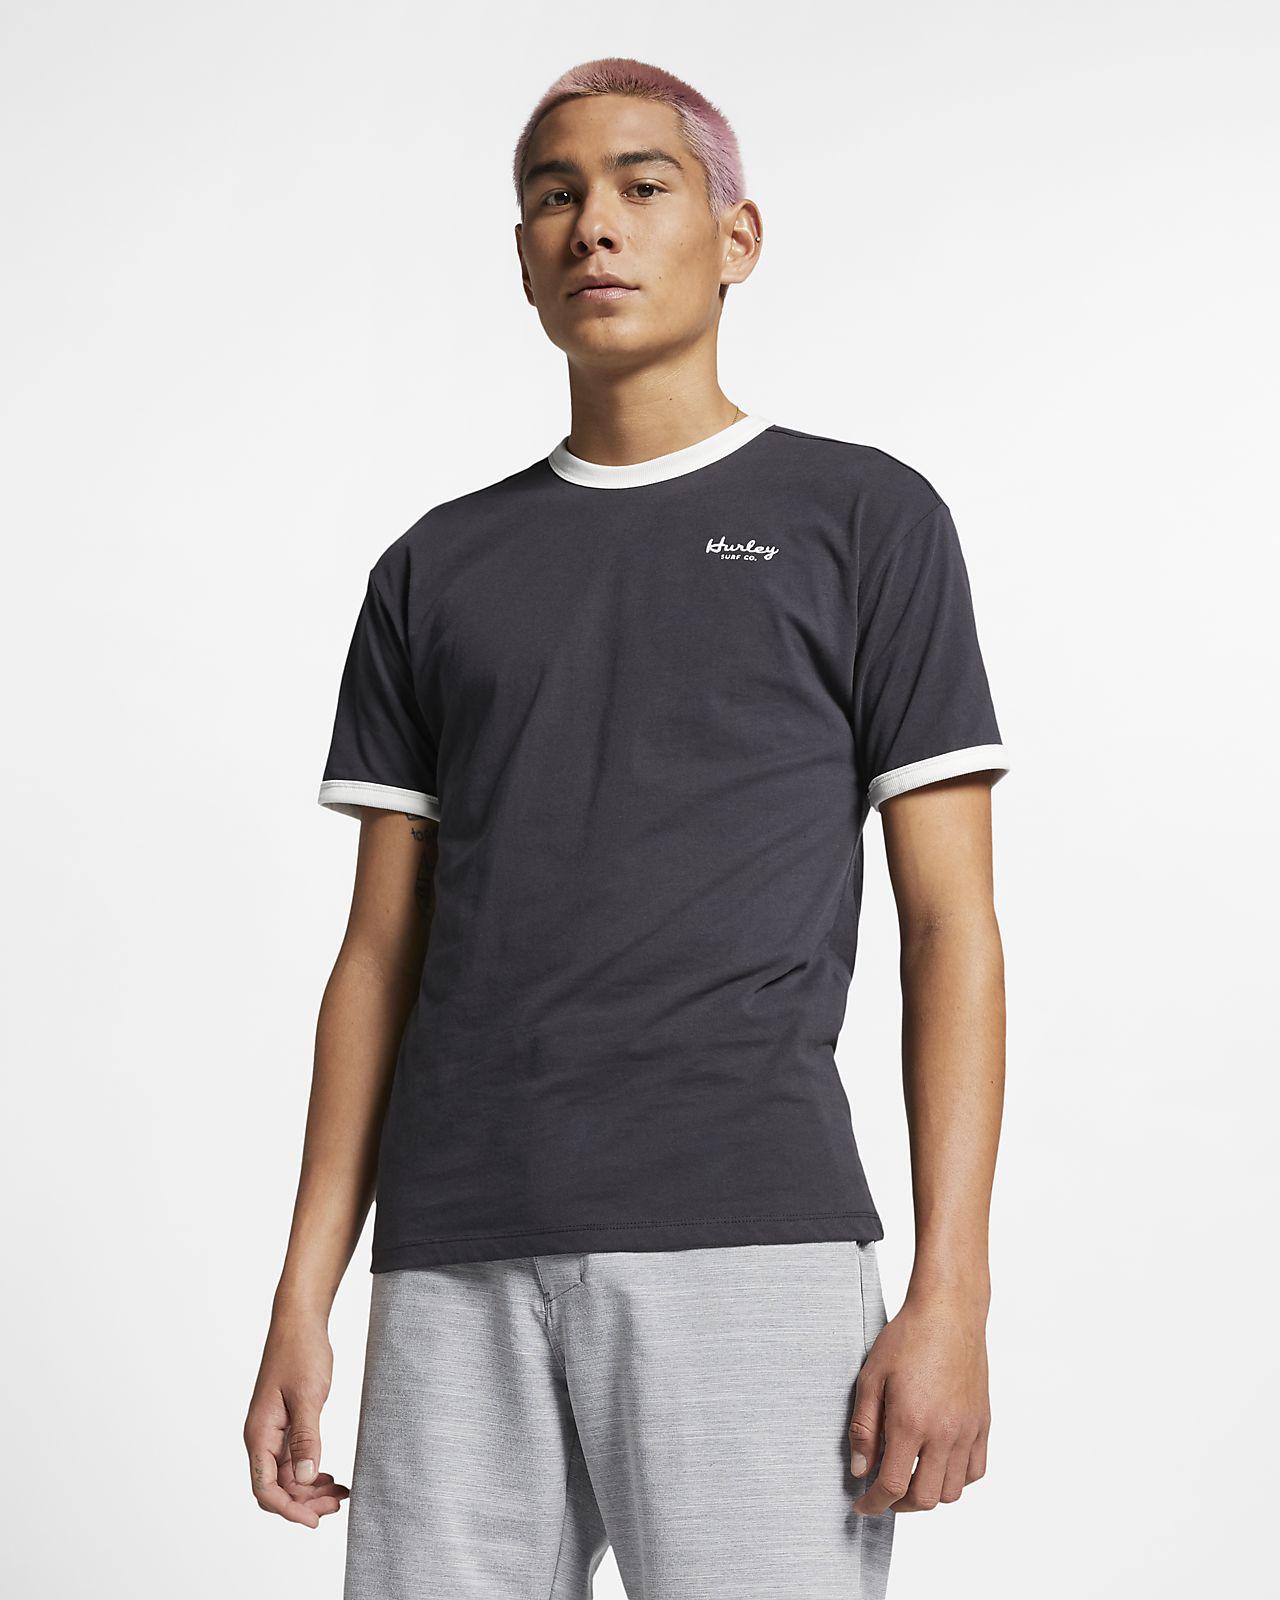 Kortärmad tröja Hurley Dri-FIT Harvey Ringer för män